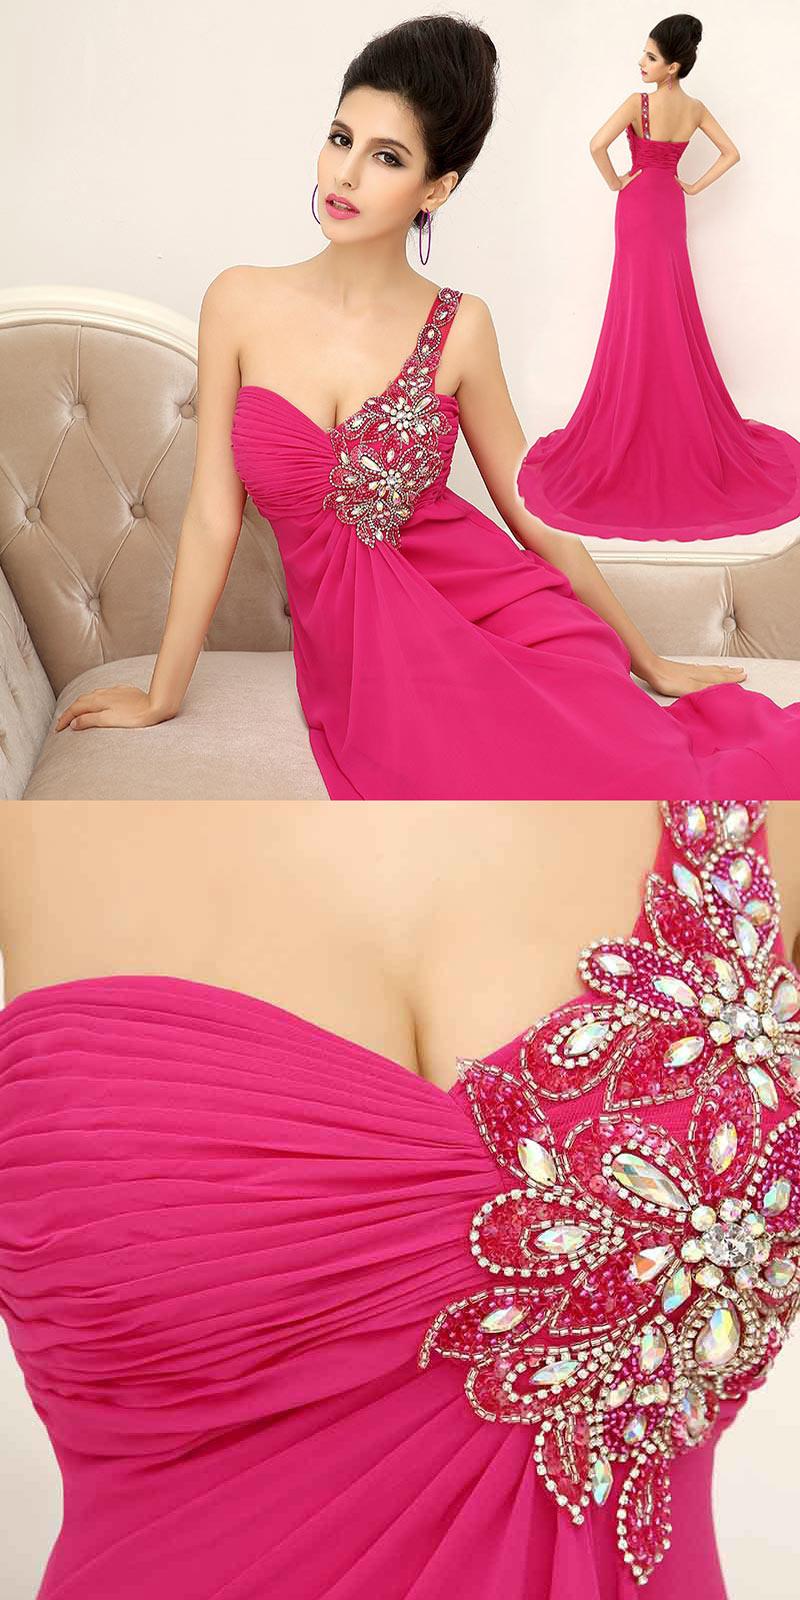 robe de soirée rose fuchsia ornée de bijoux